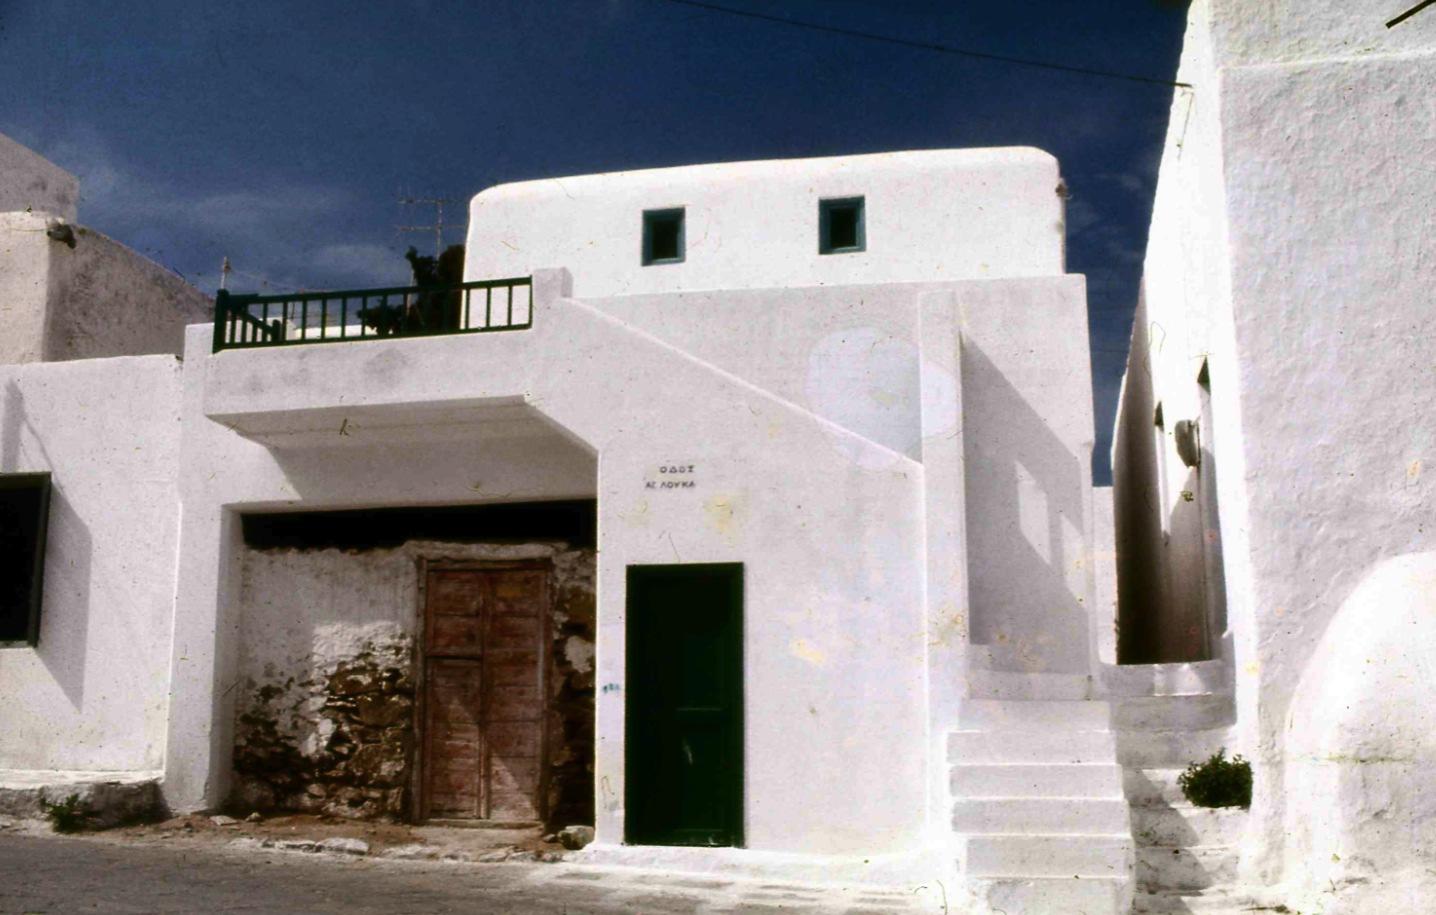 窓の小さな家 Small house of the window 白塗りの家屋は中に入るとすごく涼しい。The house of the white-painted face is very cool. みてくれだけの白ではないのである。陽が中に入ってこないように窓は小さくしてある。 ⓒToshihiko Shibano